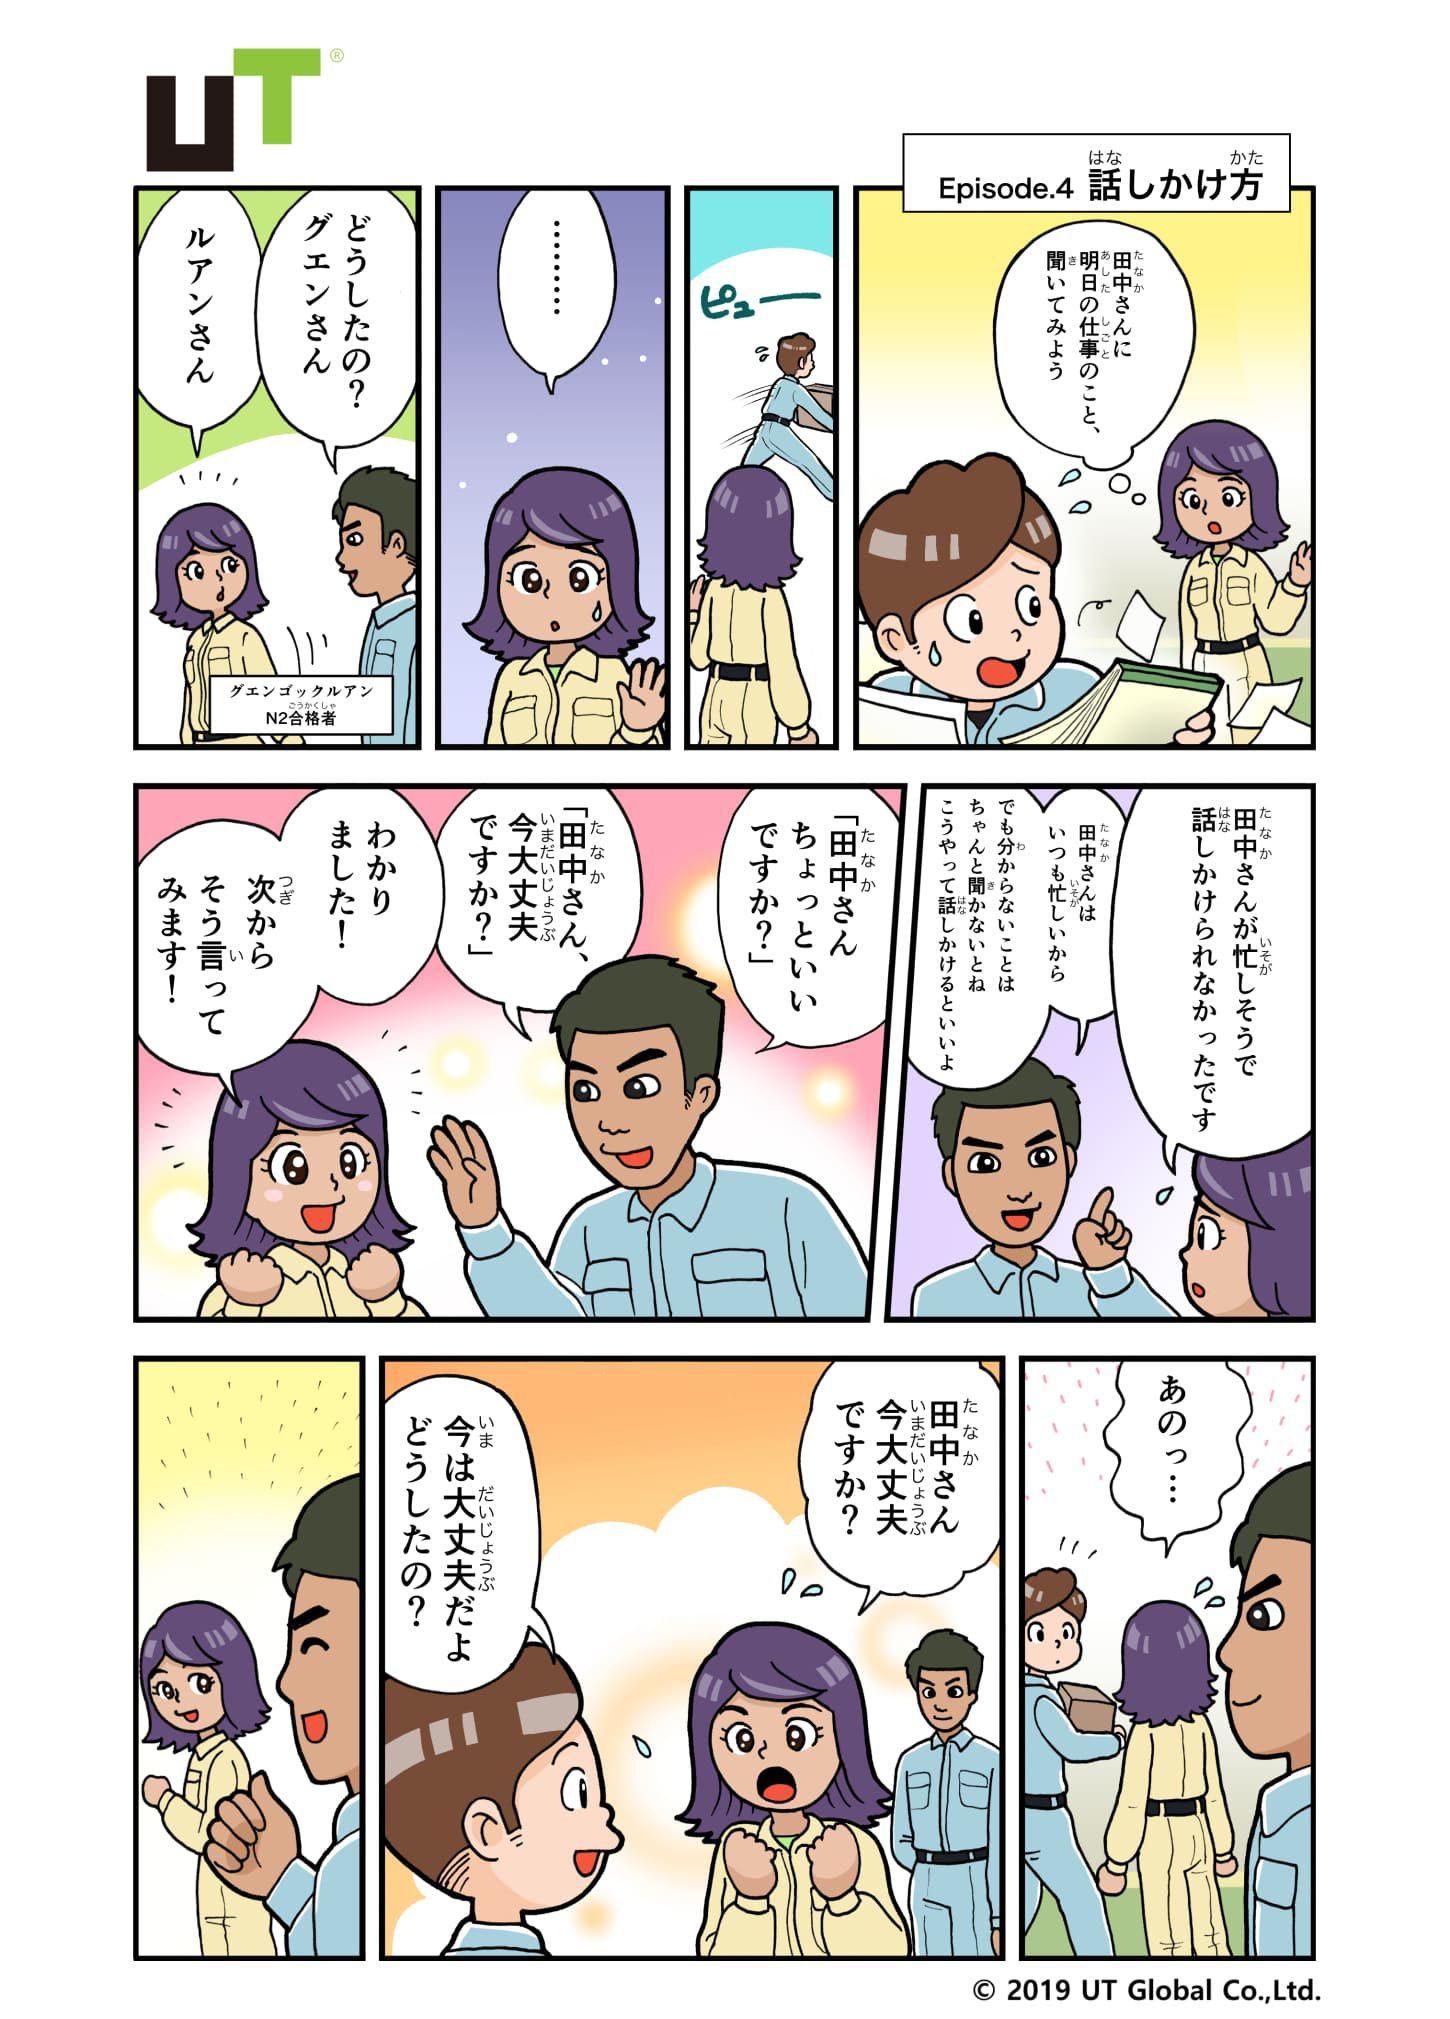 日本語と文化が学べる 社内向け研修マンガ掲載サンプル4